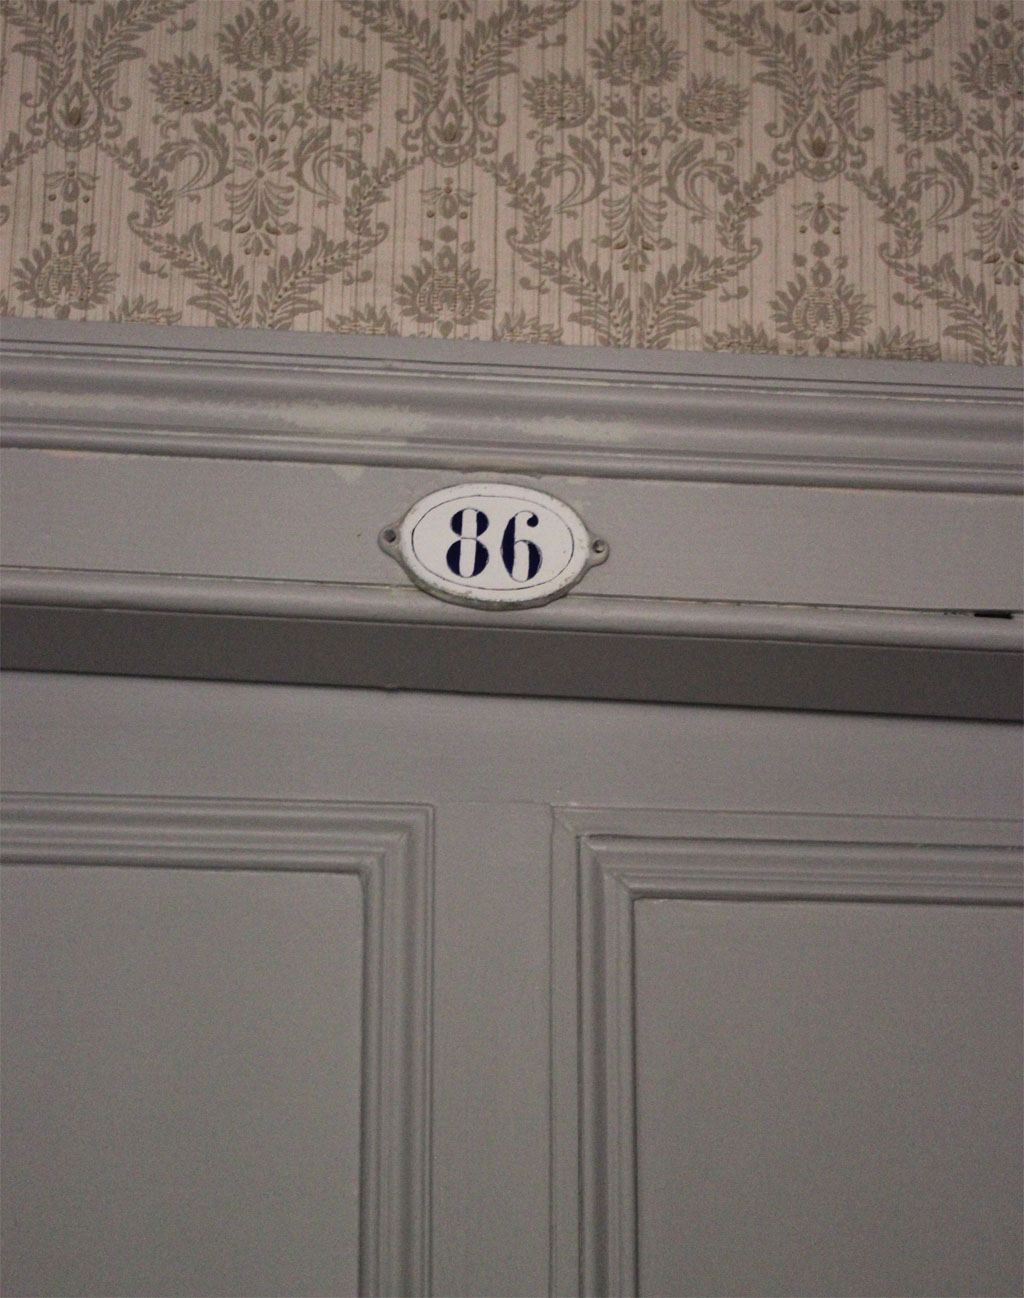 Aix_les_bains-Palace-Luxe-Grand_Hotel-Belle_Epoque-Neoclassique-Chambre